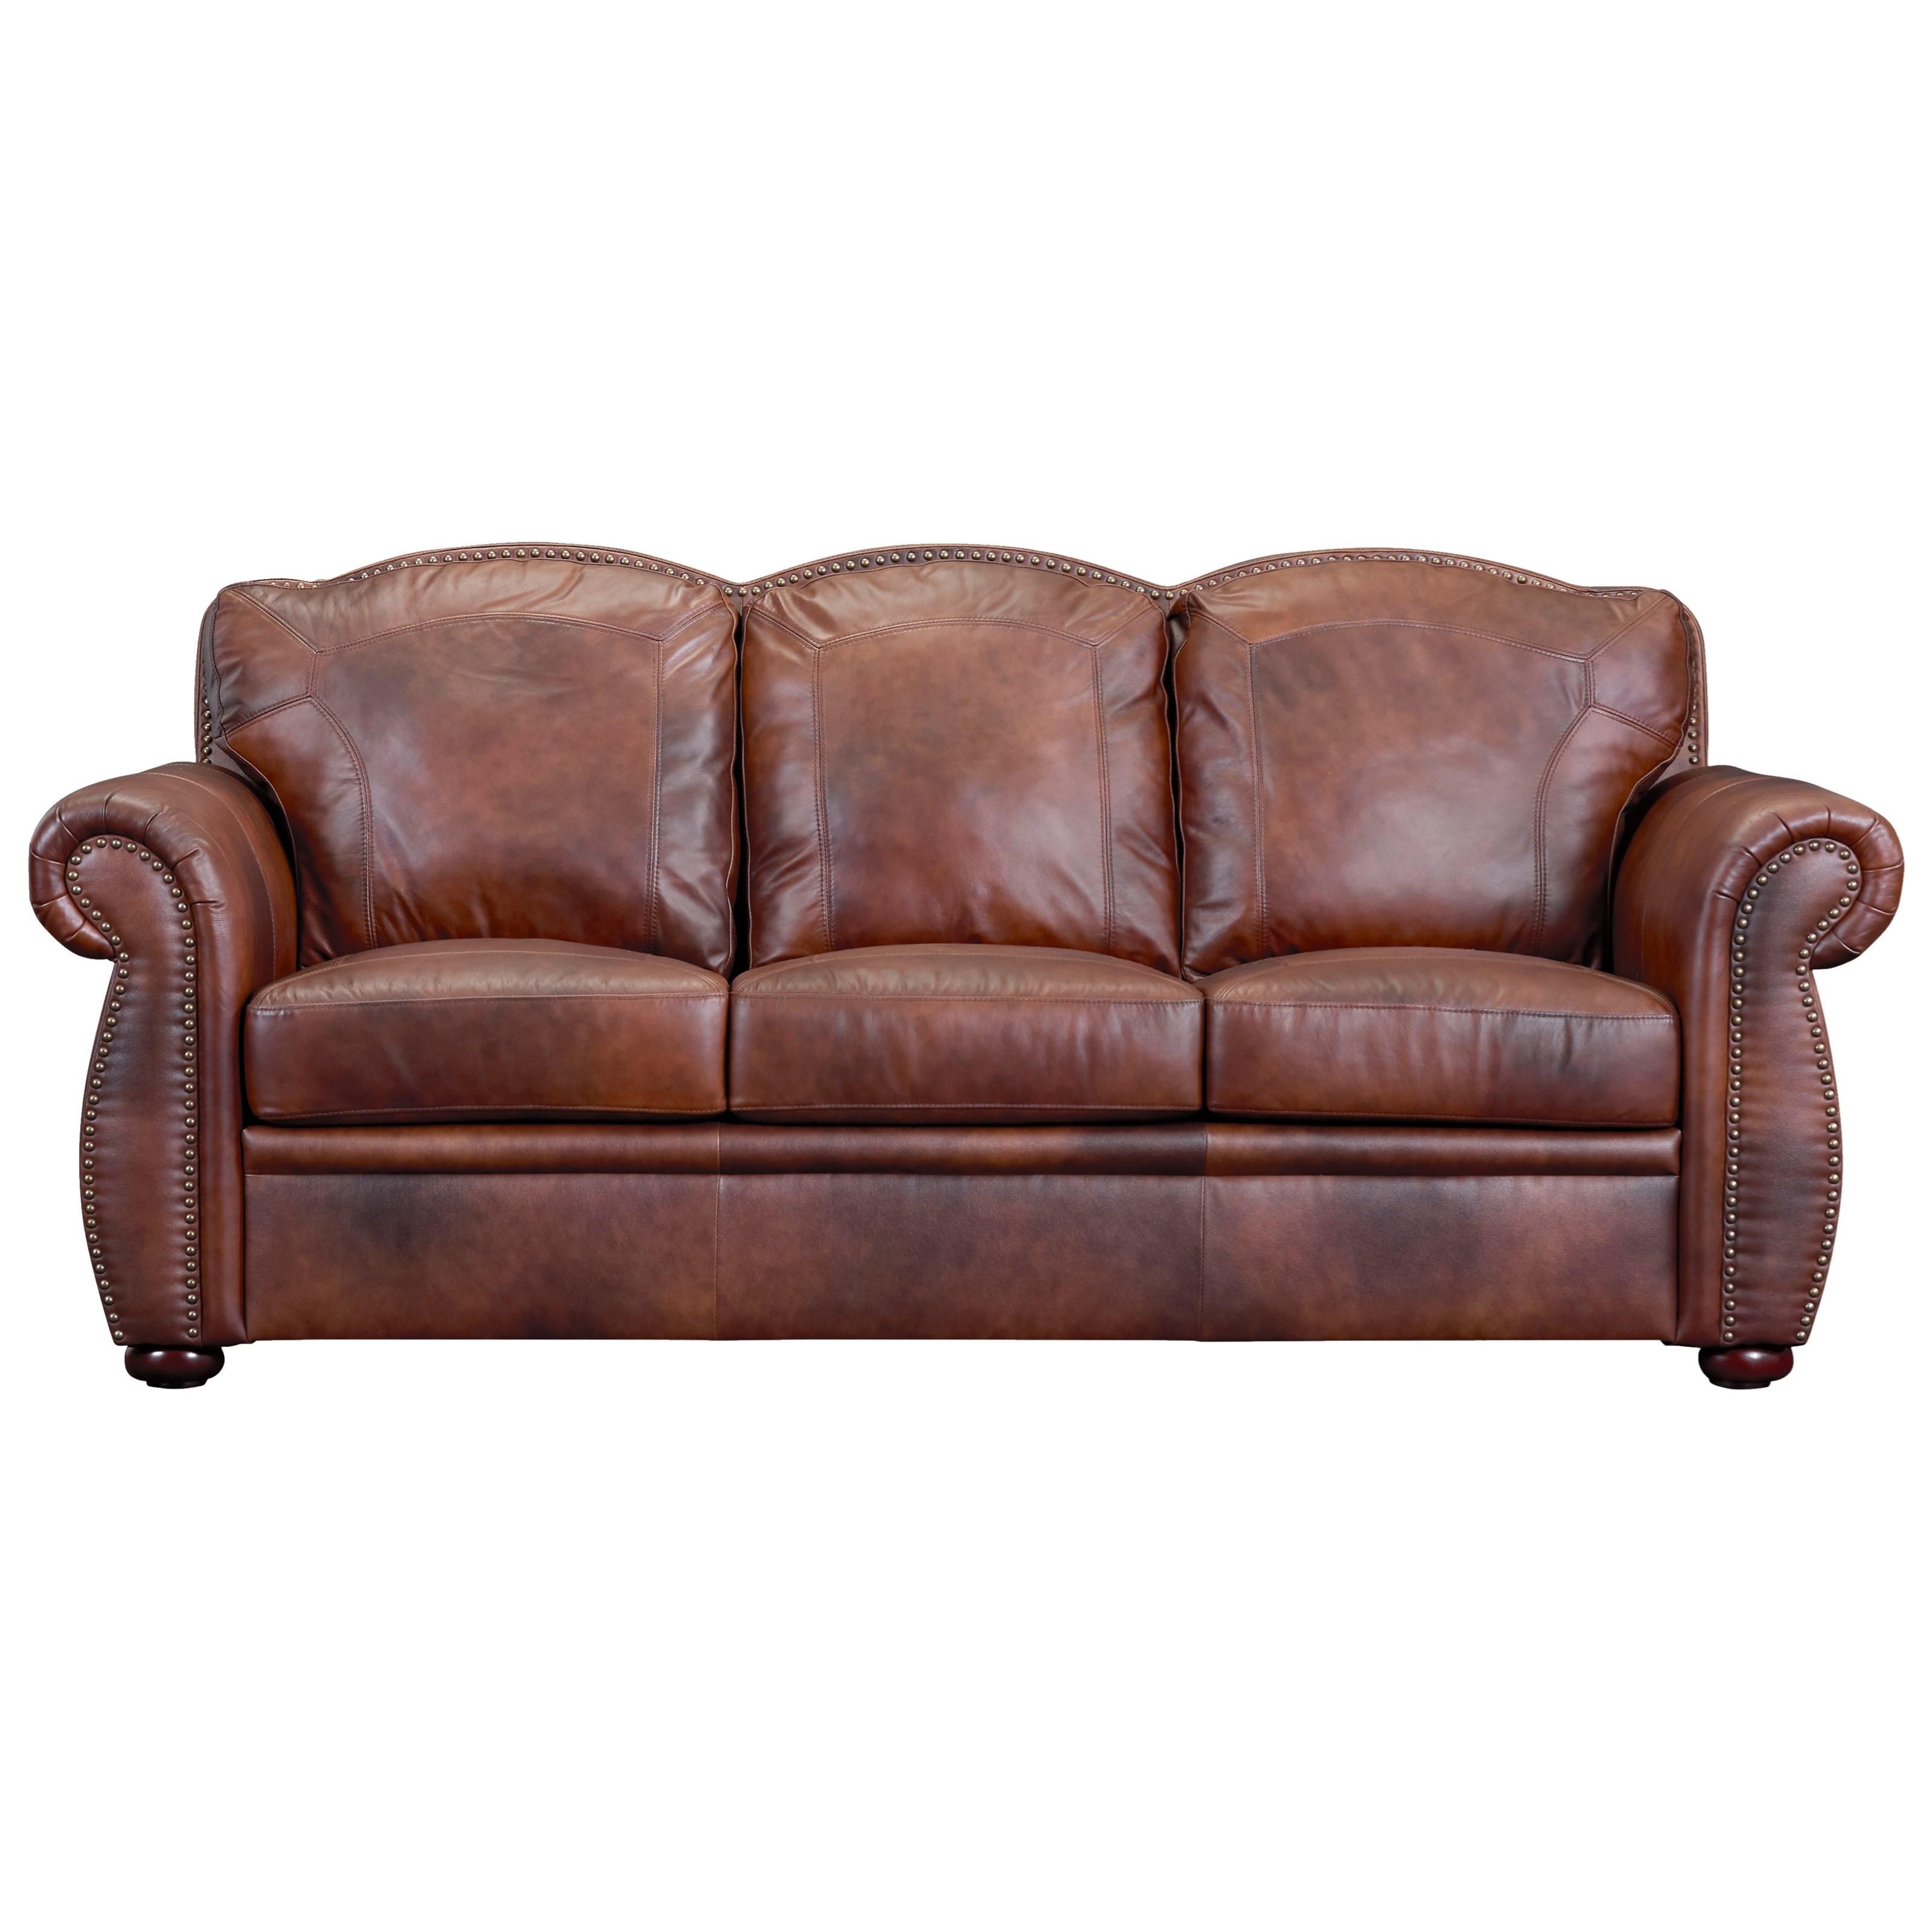 Arizona Leather Sofa by Leather Italia USA at Lindy's Furniture Company